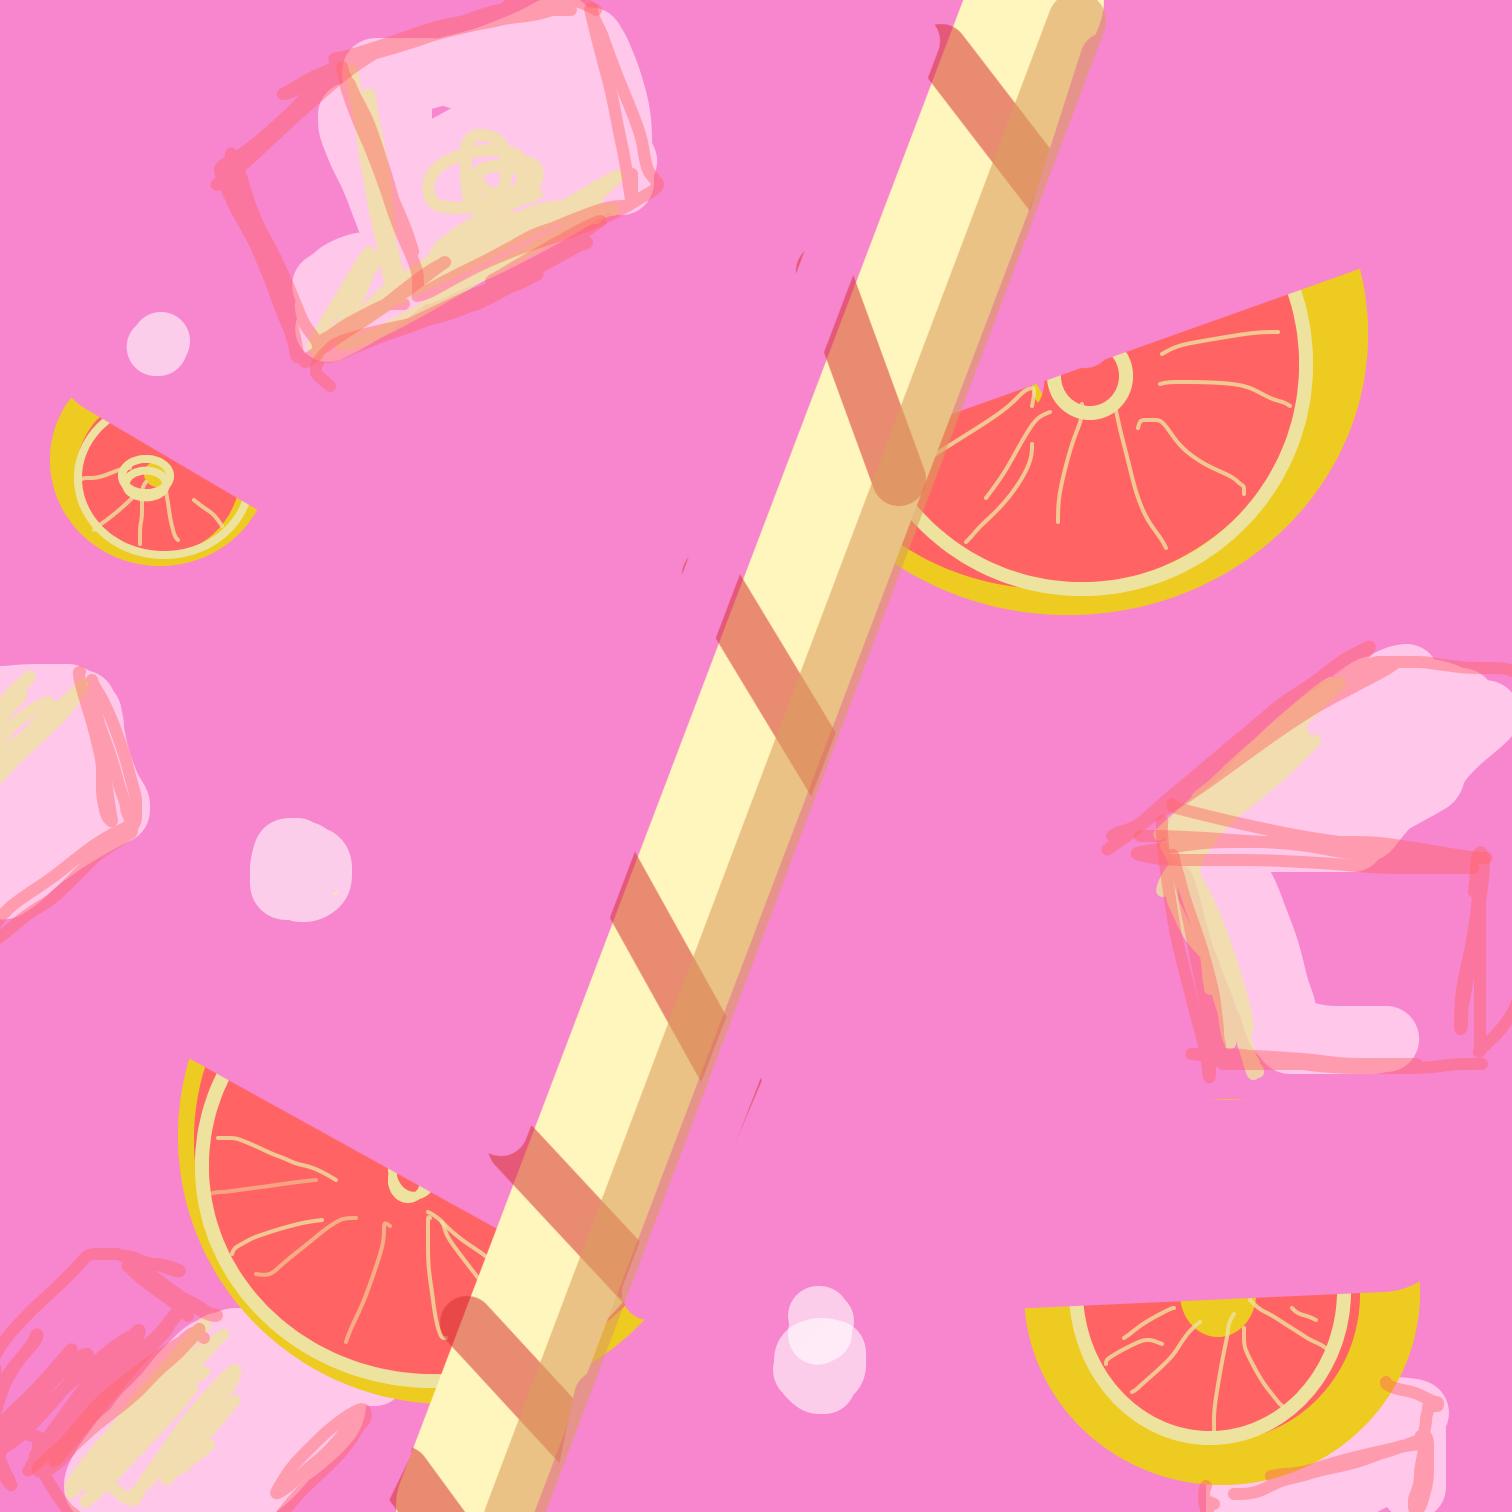 Drawing in Pink lemonade  by Juleefish